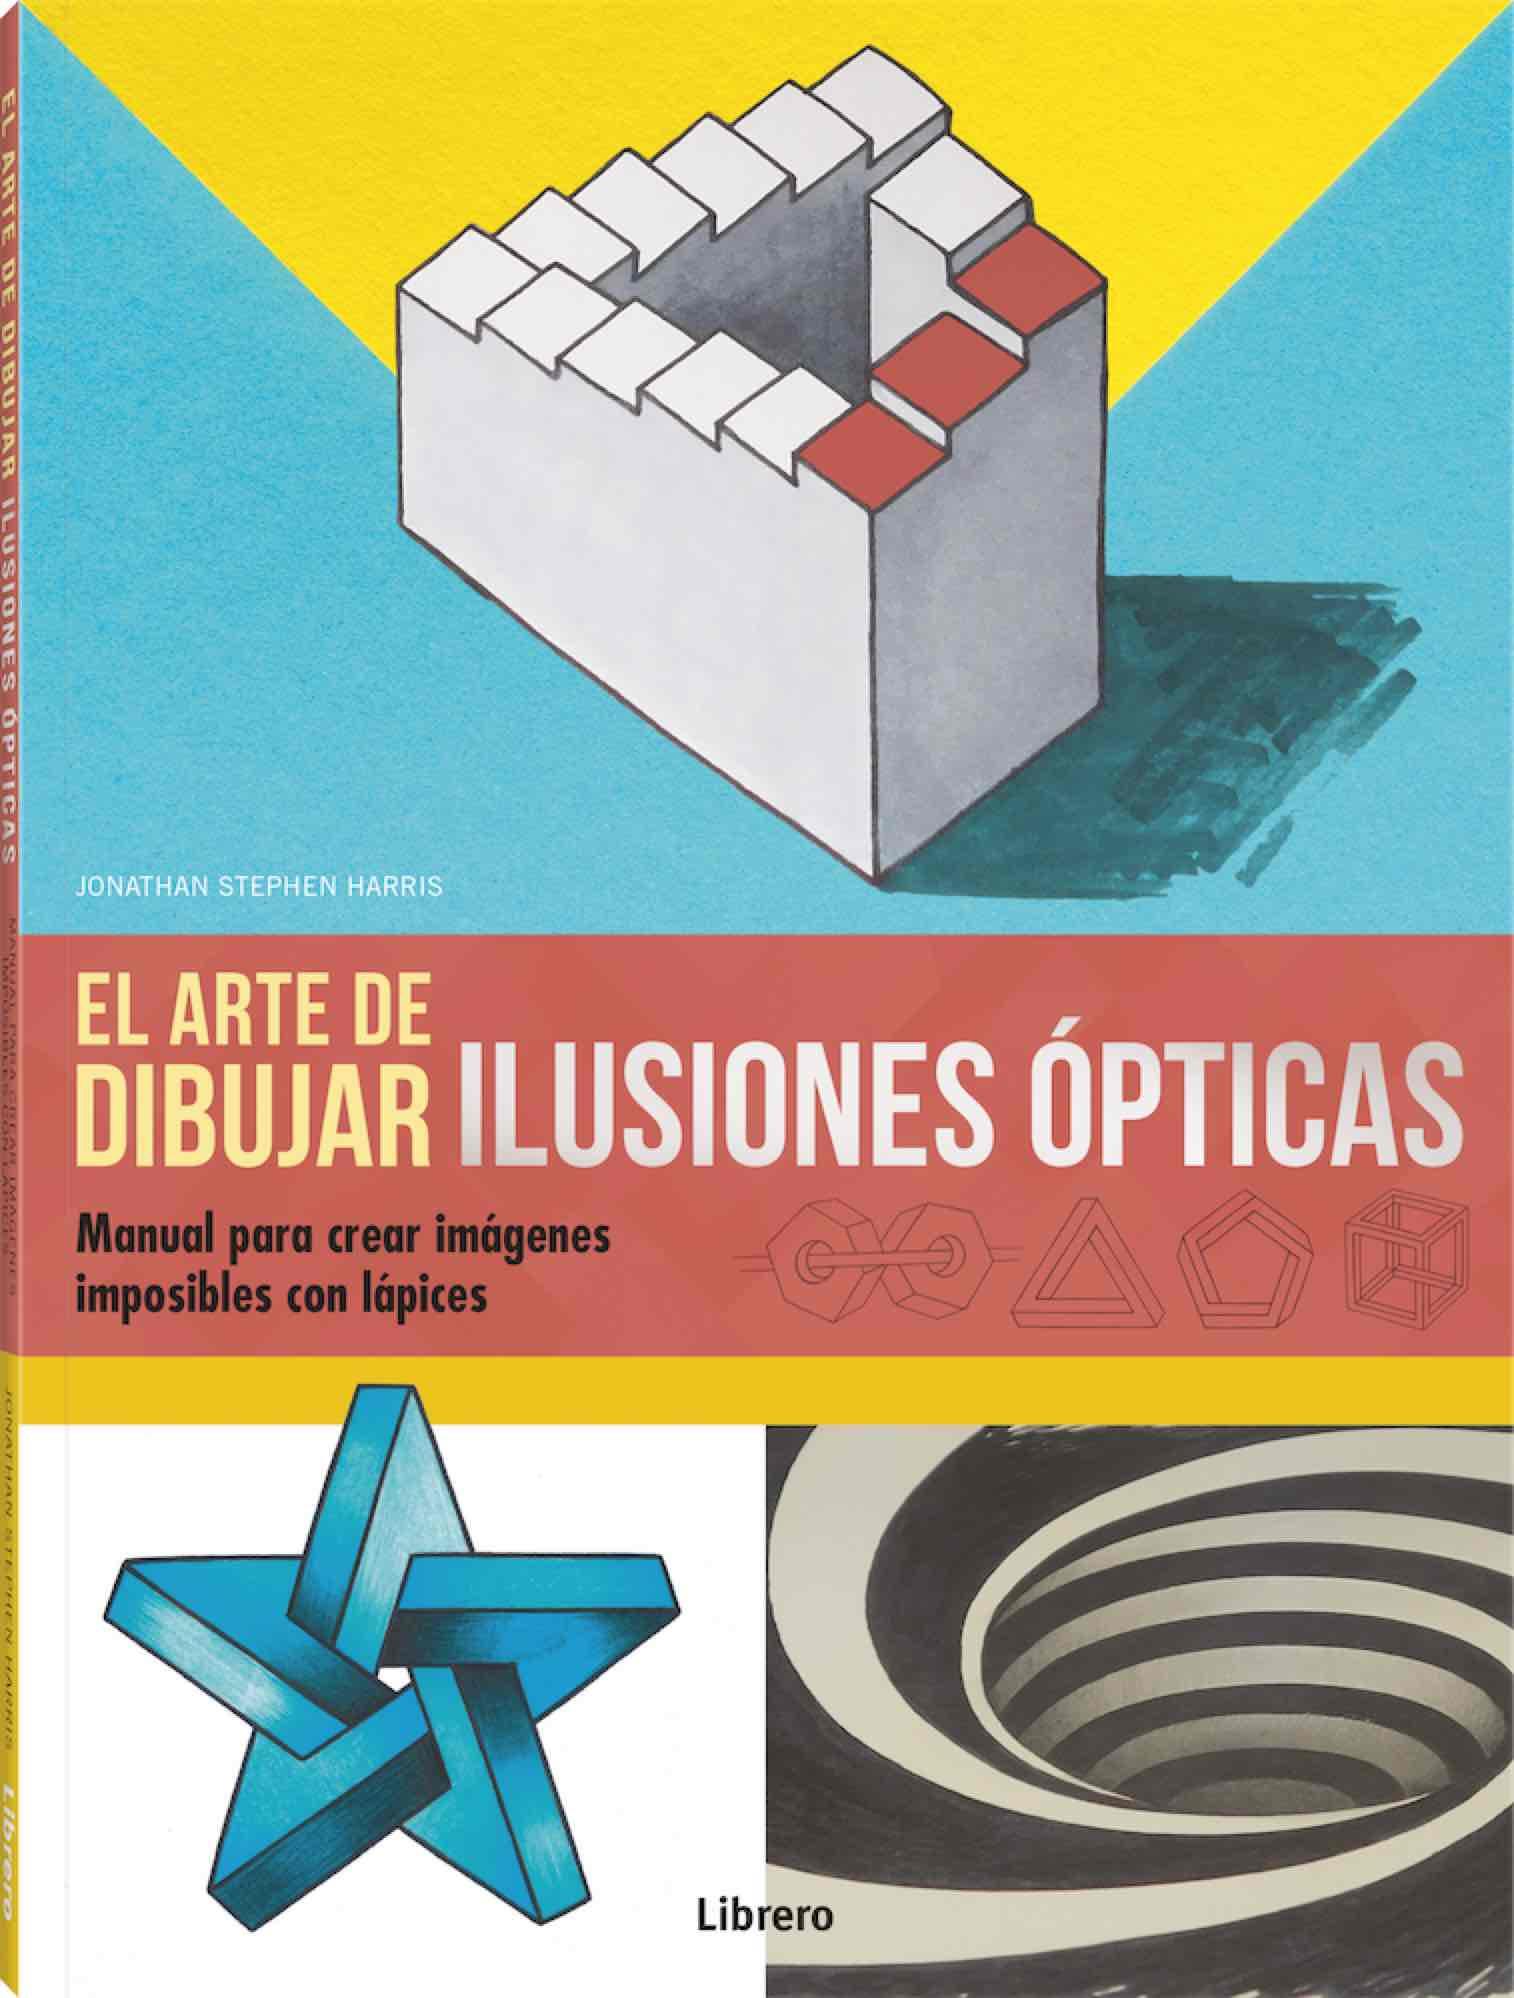 EL ARTE DE DIBUJAR ILUSIONES OPTICAS